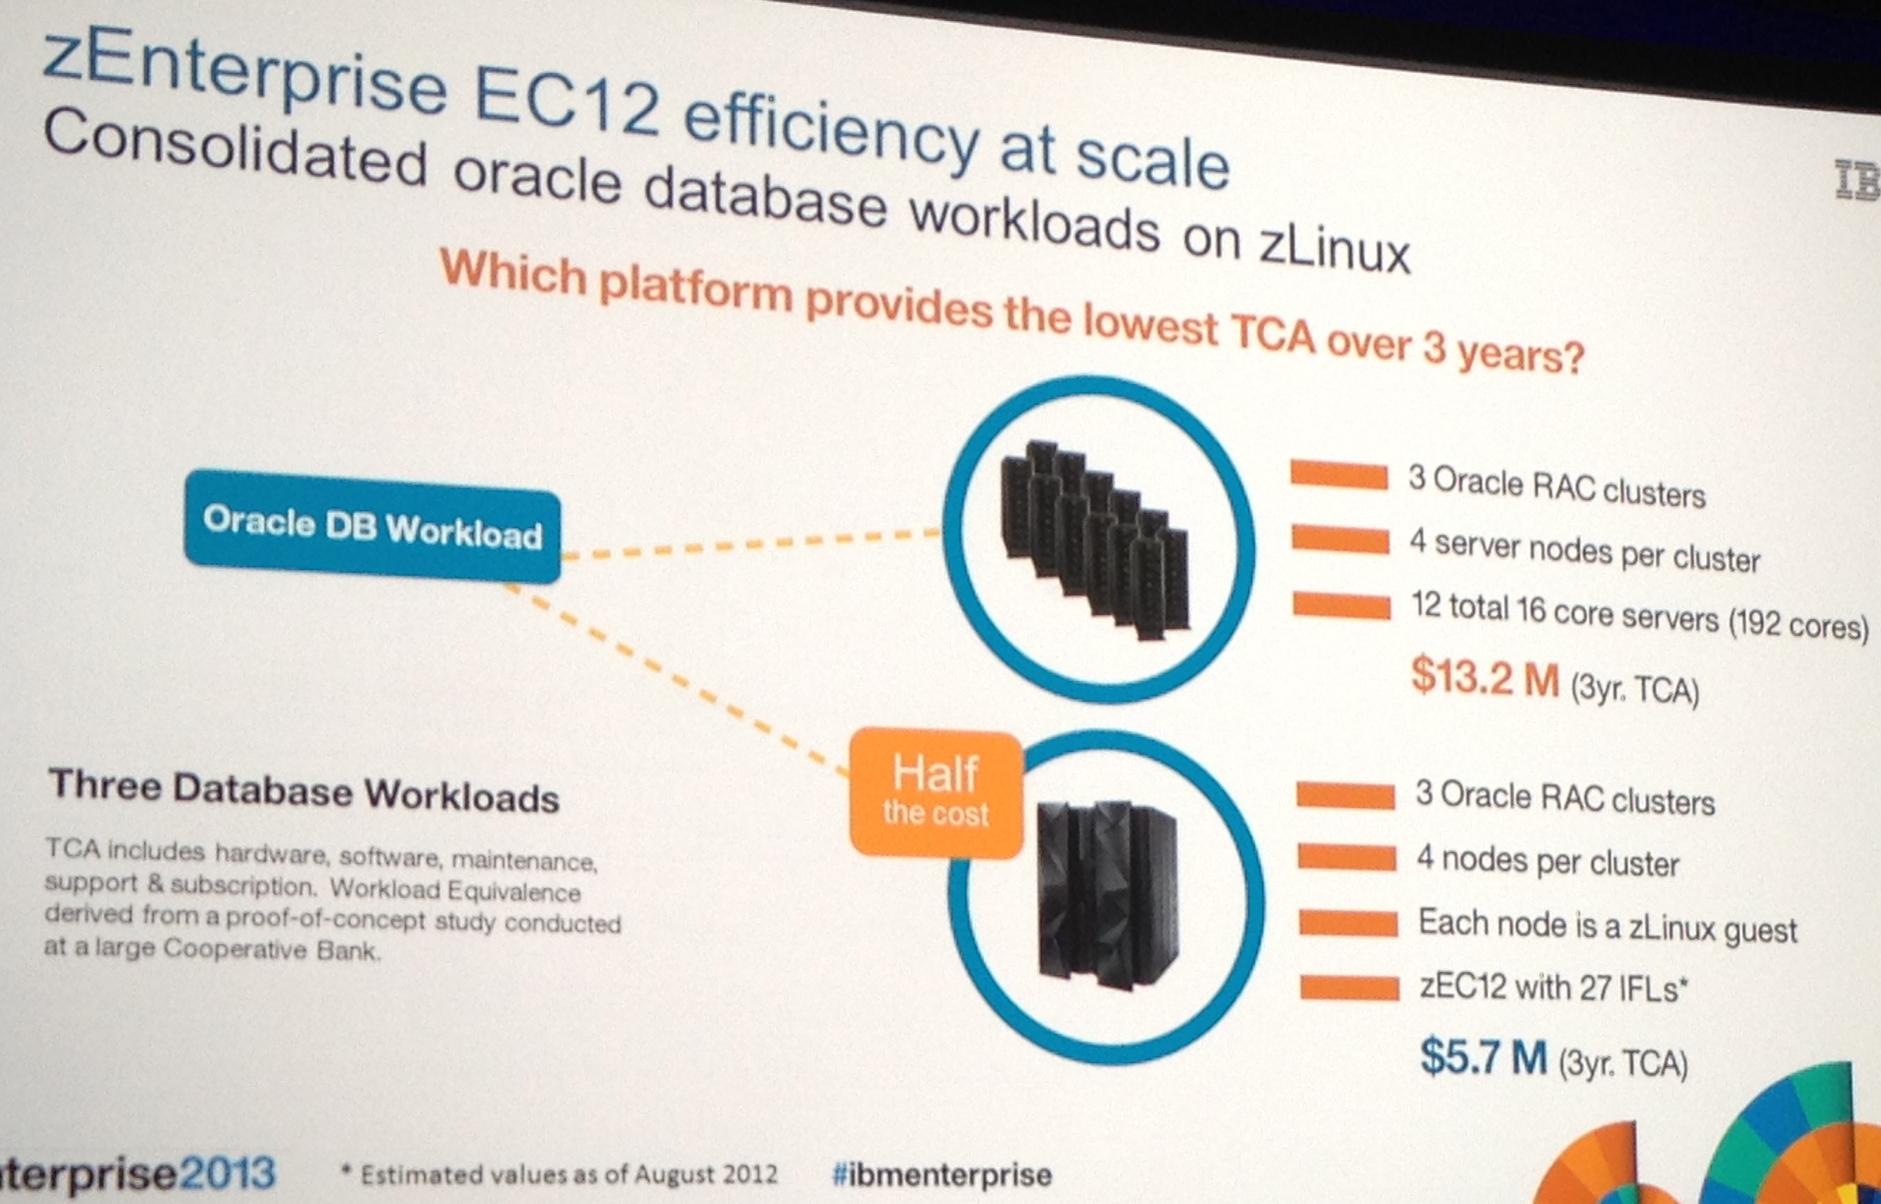 Les bénéfices d'une consolidation sur mainframe